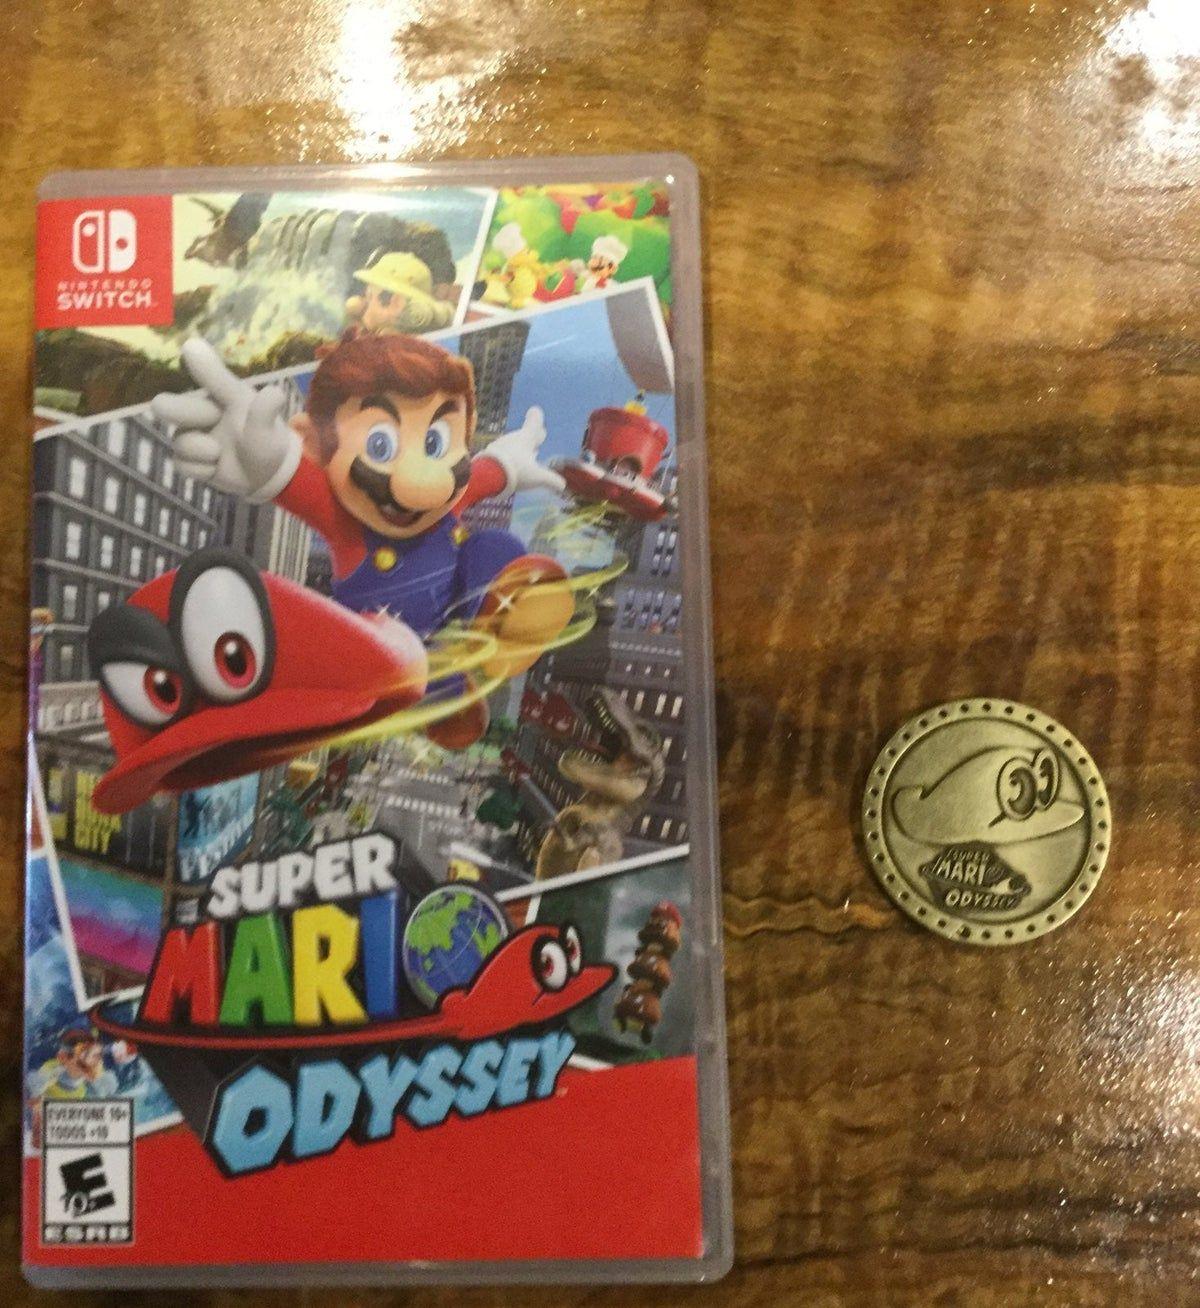 Pin By Paloma Garcia On Mario Bross Decoracion In 2020 Super Mario Nintendo Switch Mario